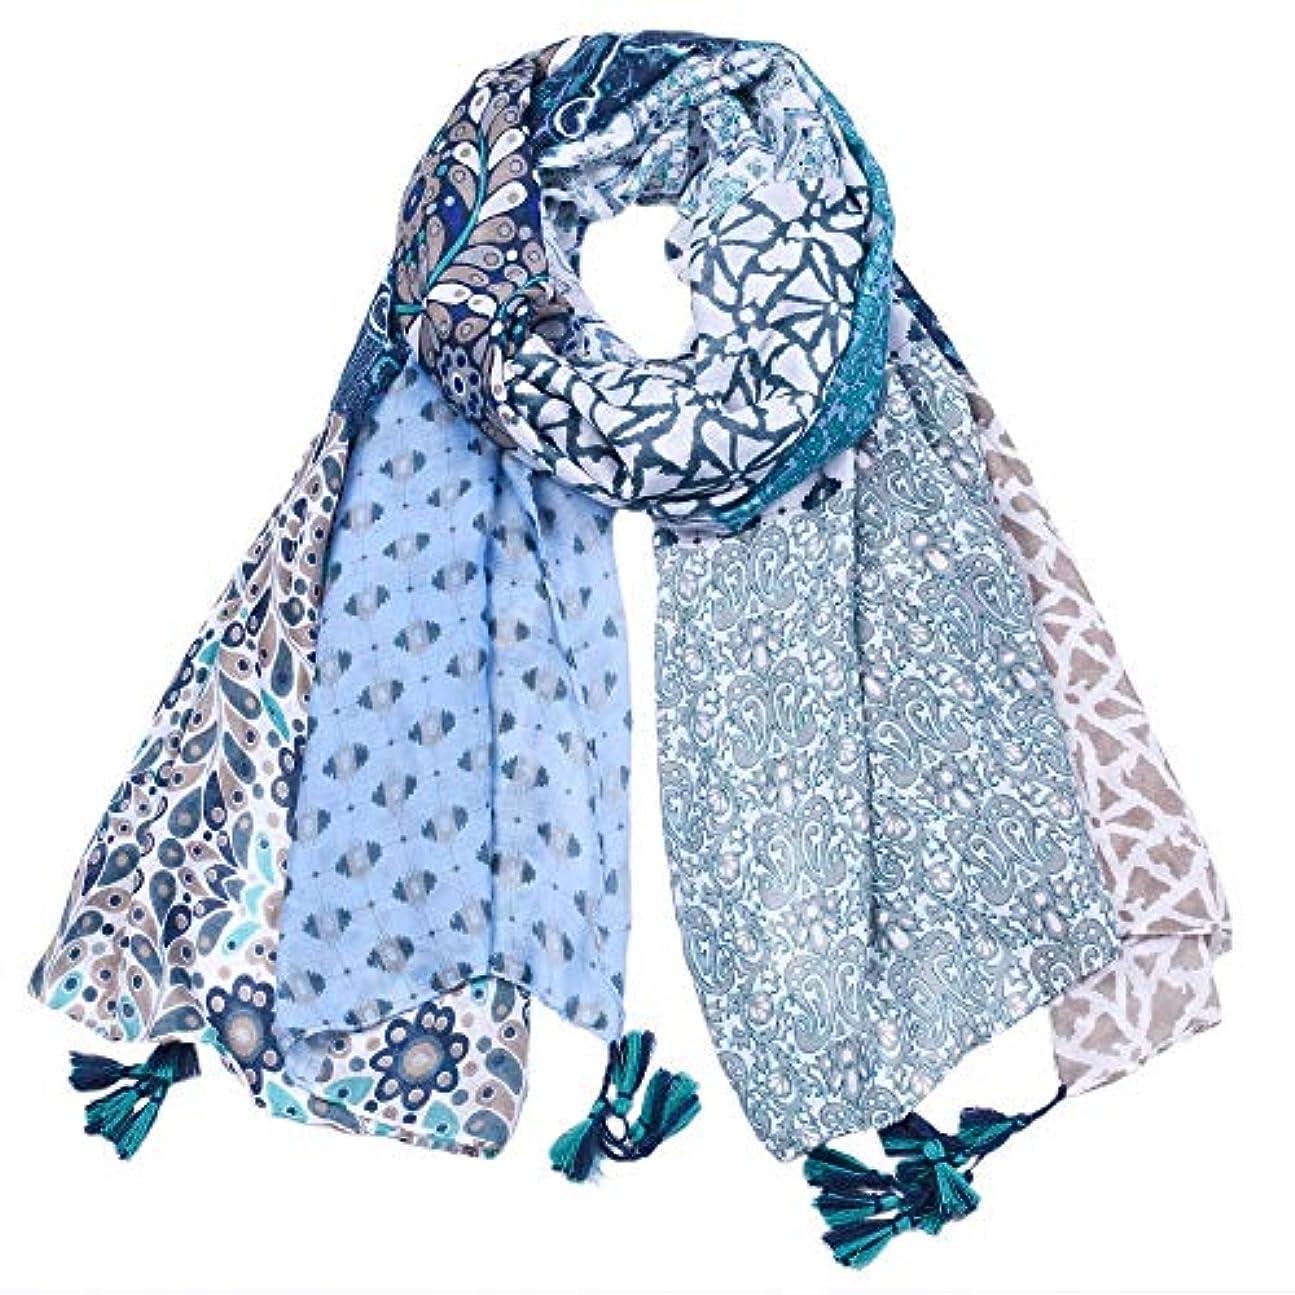 アナニバーあご感心するRuiyue 60織のサテンのスカーフ春と秋の女性のチェック柄のタッセルのスカーフの女性ボイルショールイベントイブニングドレス結婚式